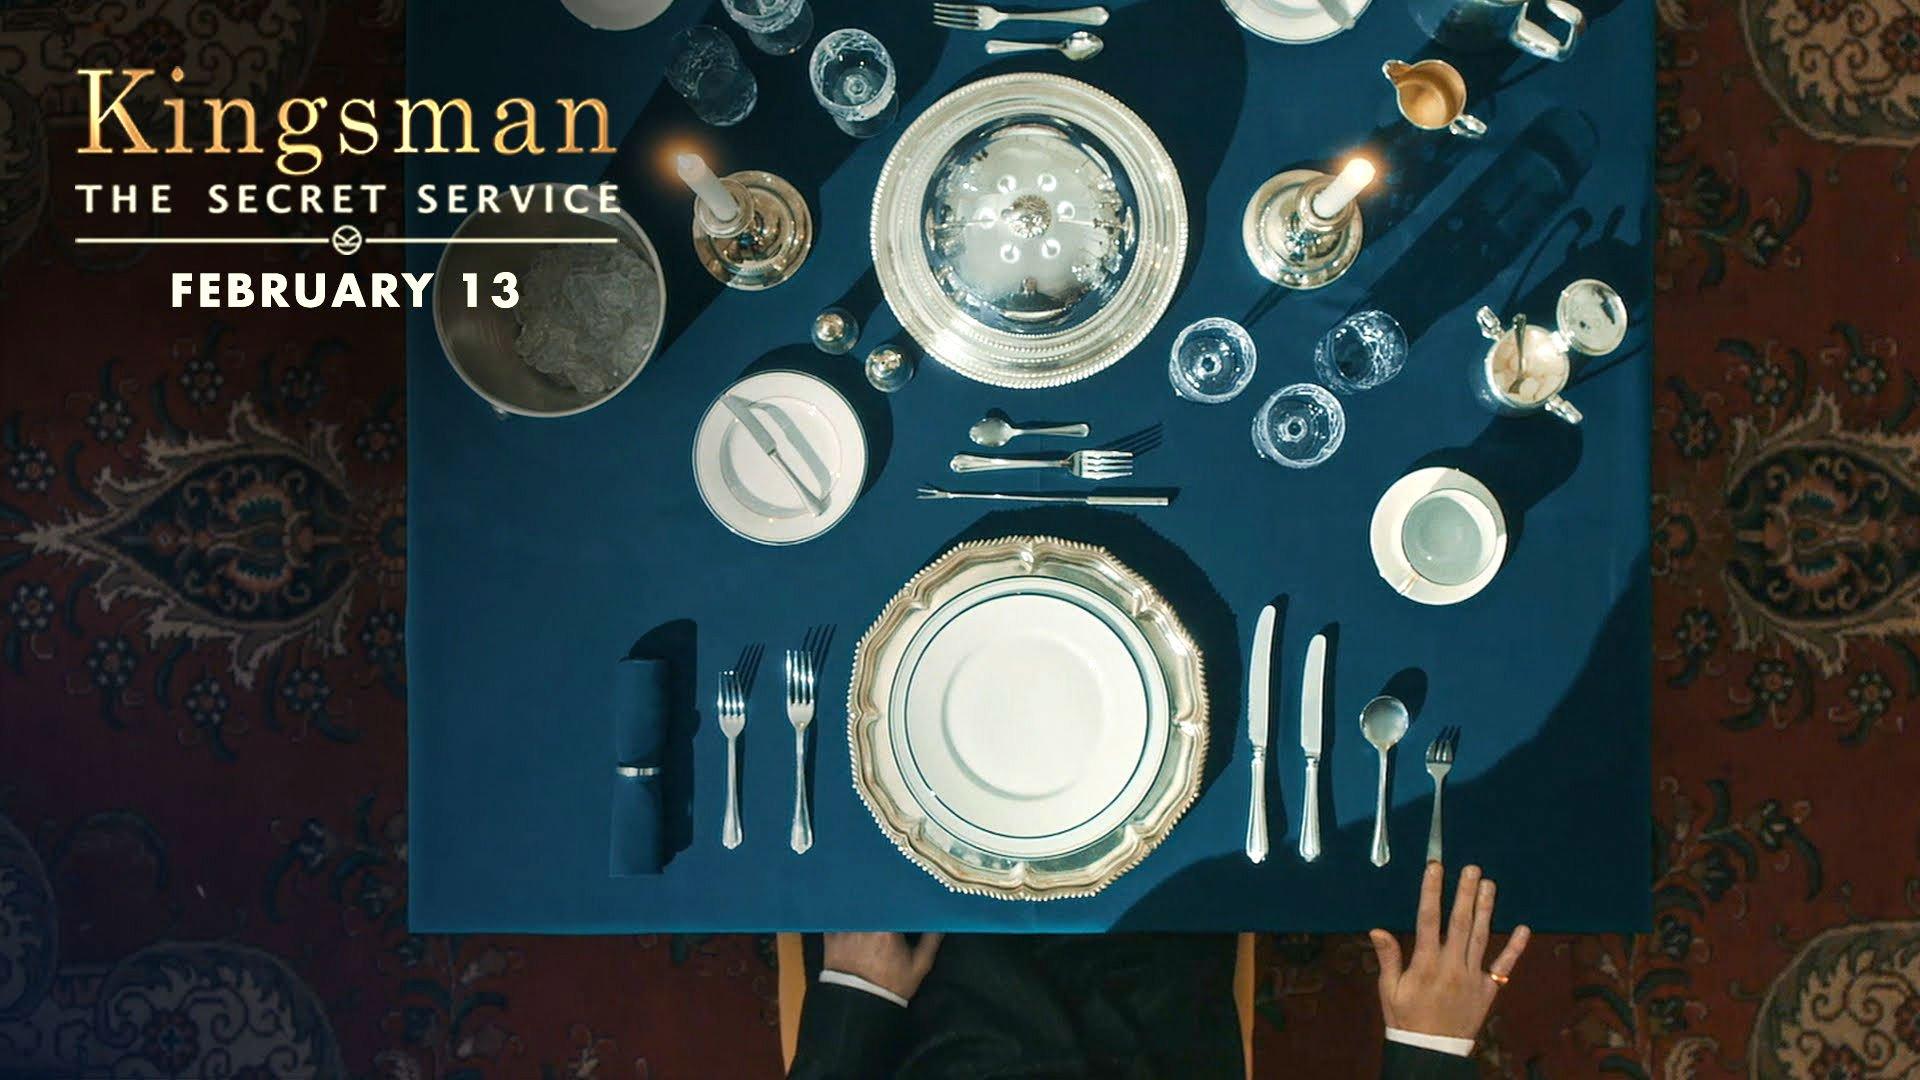 KINGSMAN-SECRET-SERVICE action adventure spy comedy crime